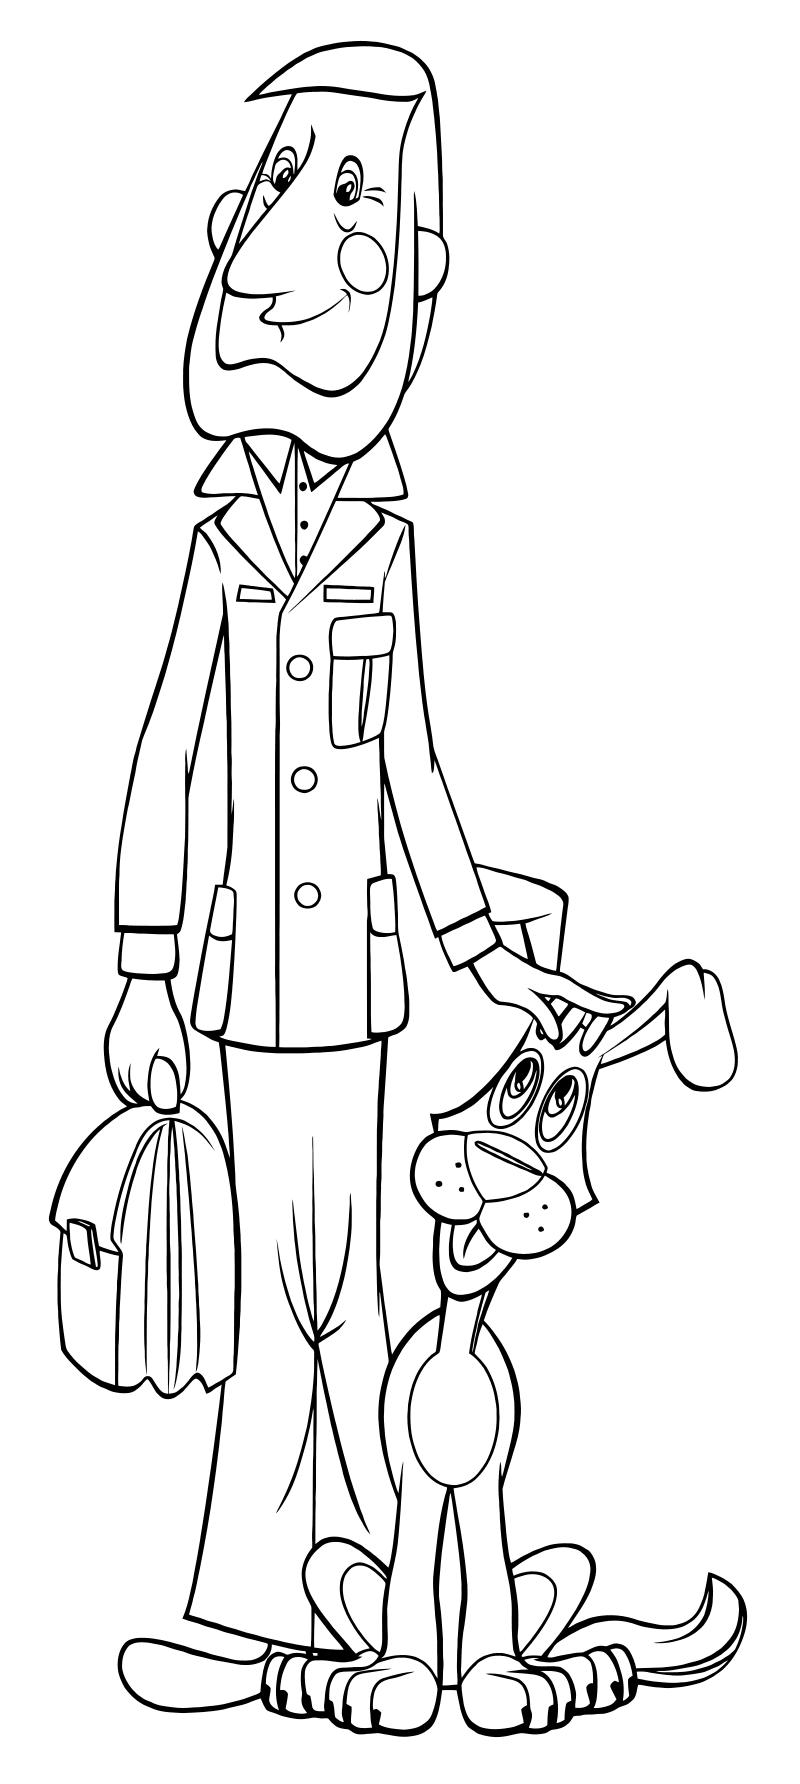 Картинка дяди федора из простоквашино раскраска